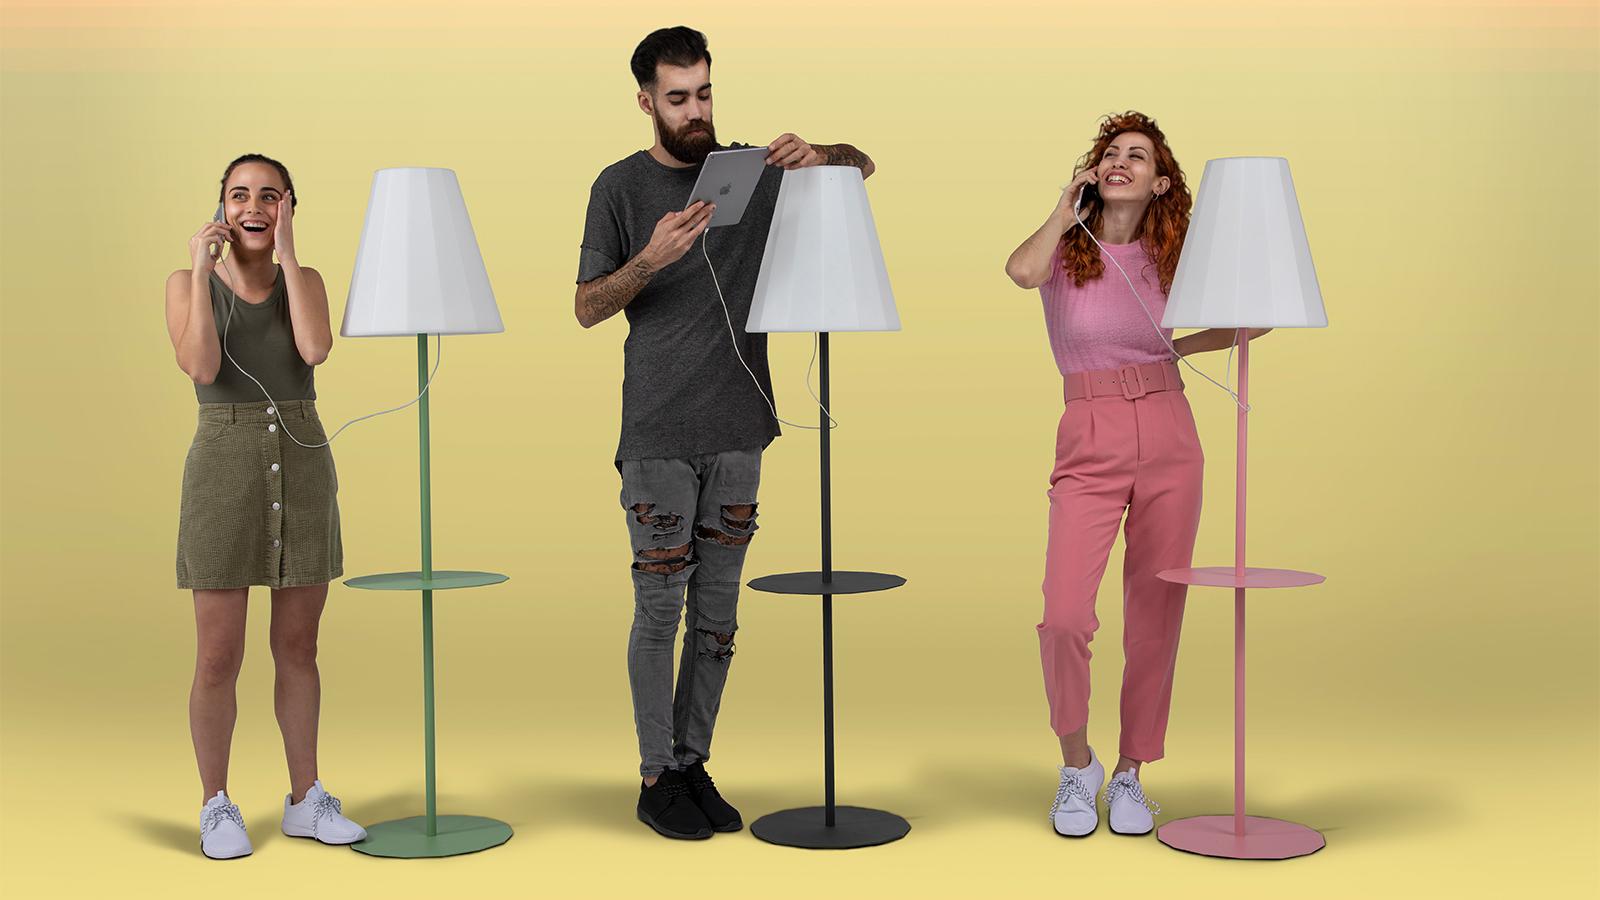 NG_Helga-standing-lamp_1